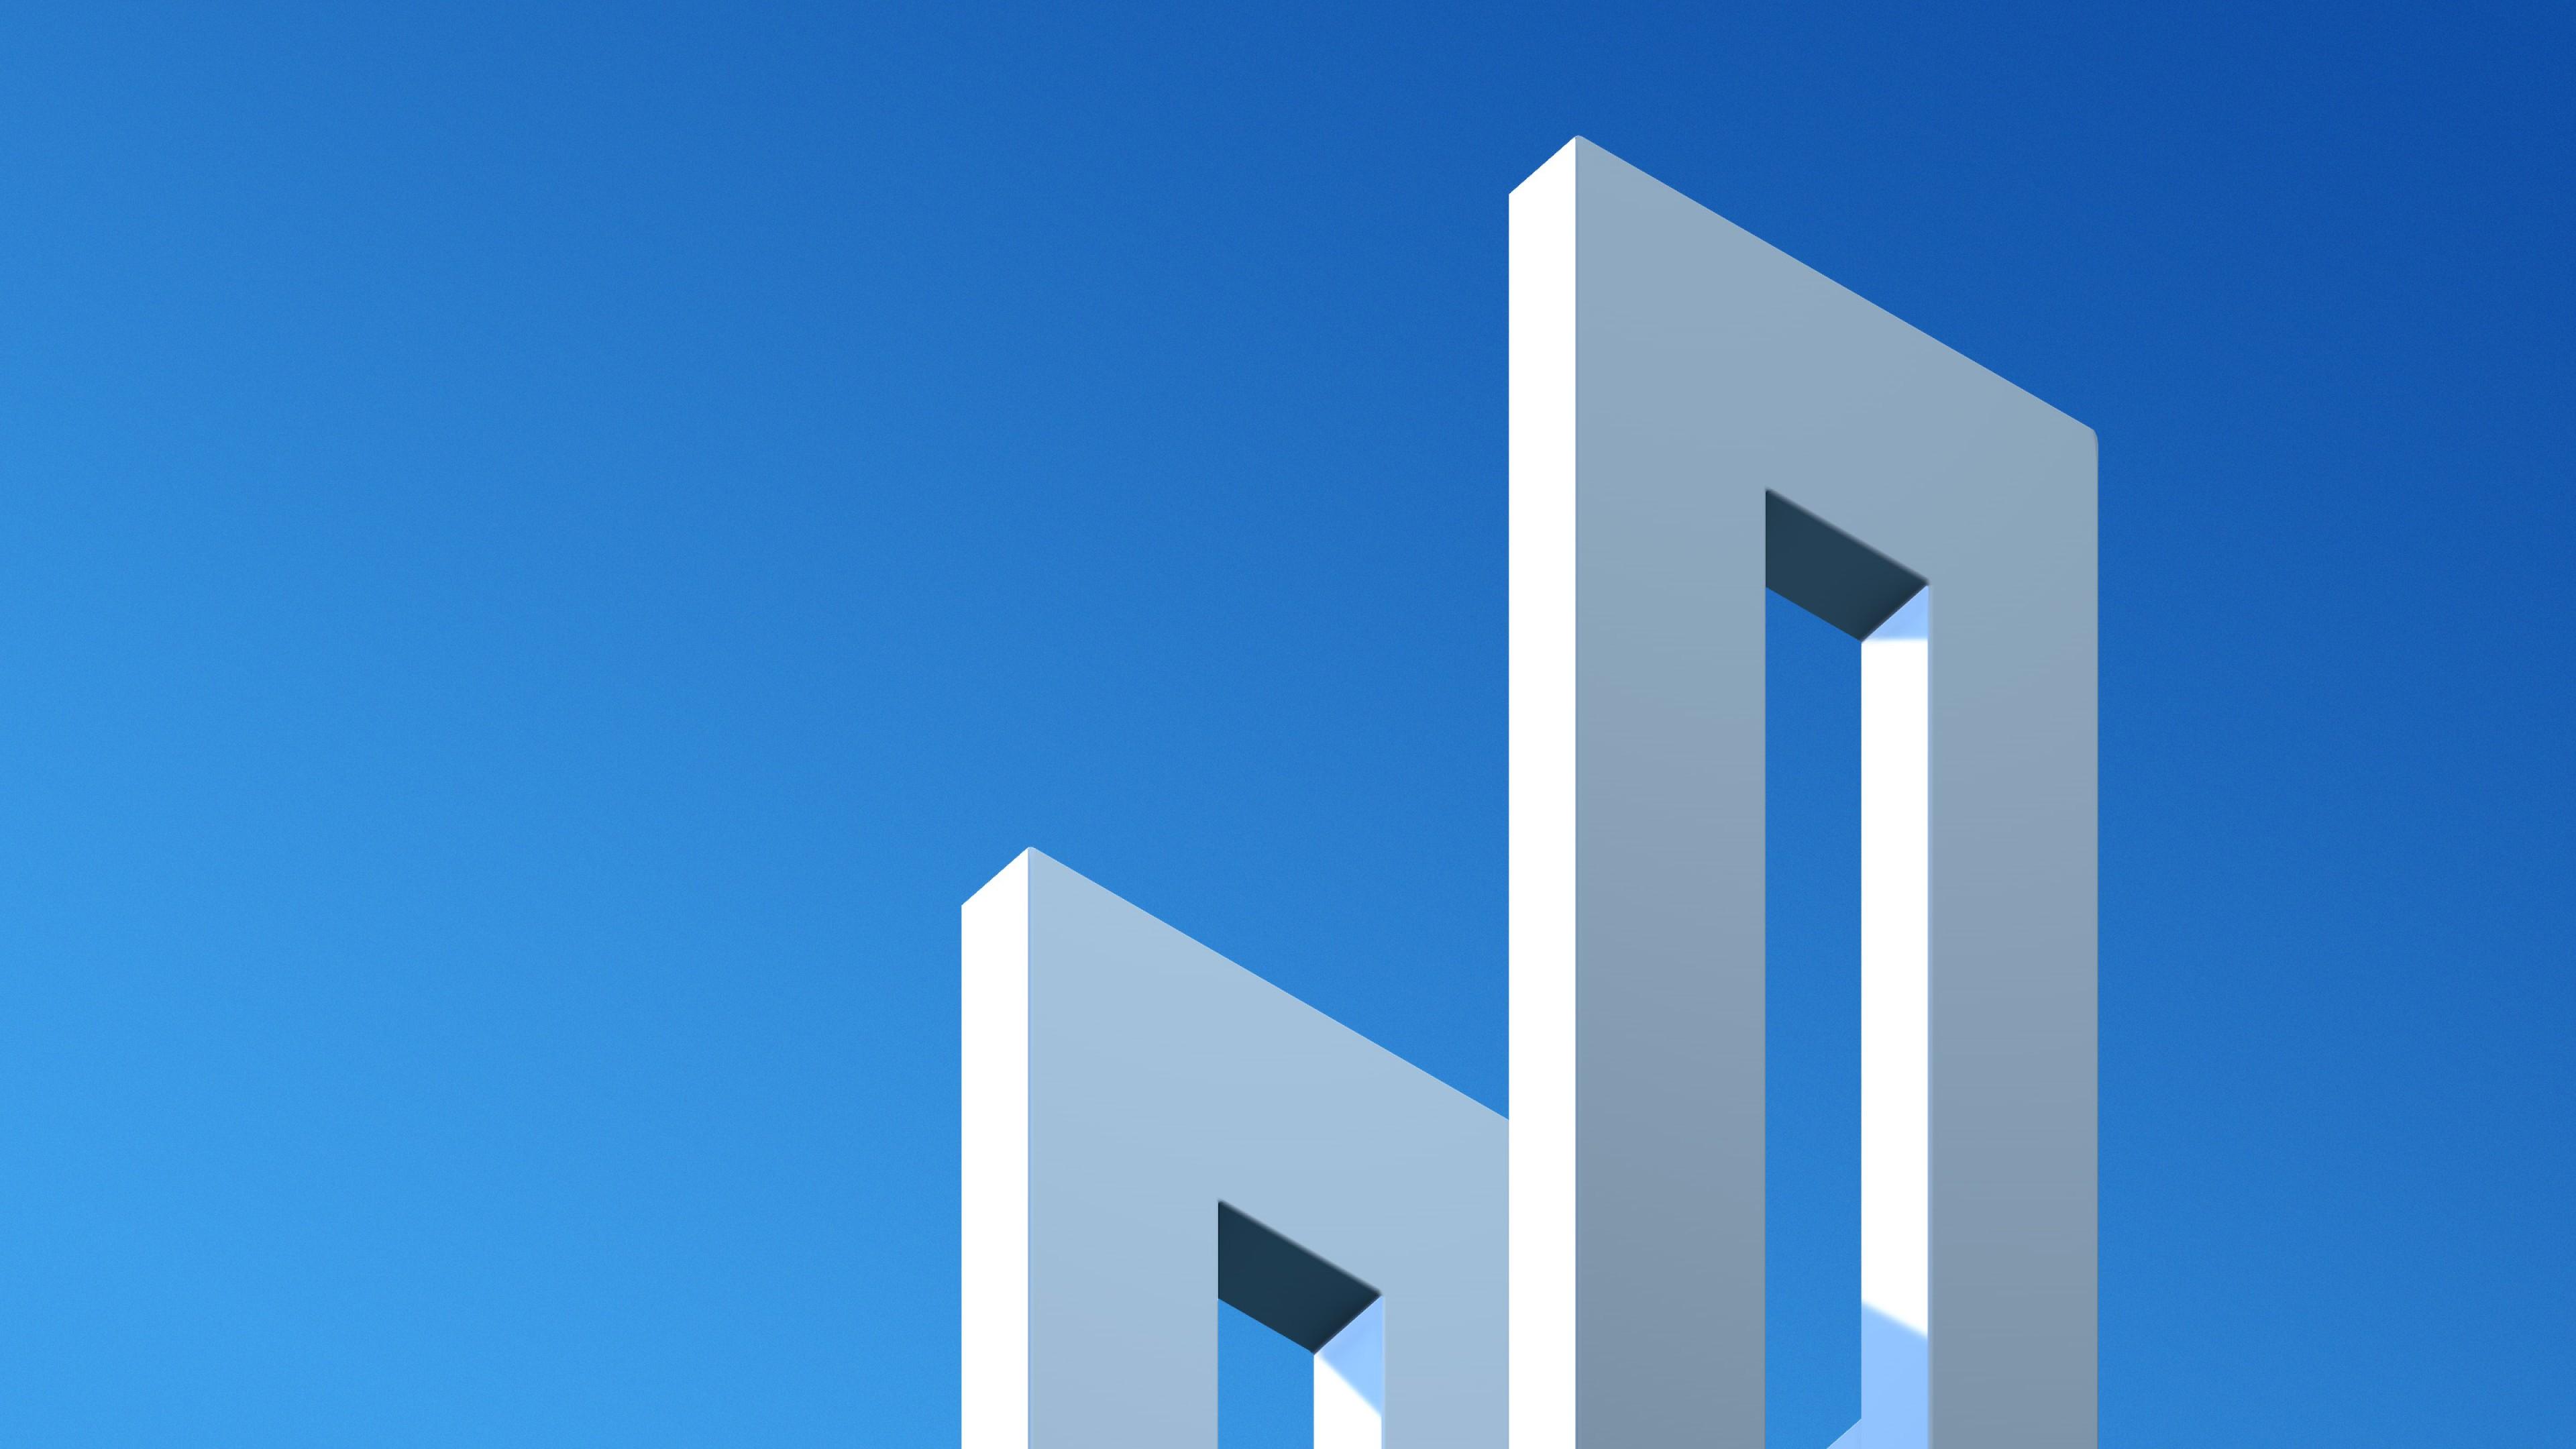 Прямоугольные грани на фоне ярко-синего неба